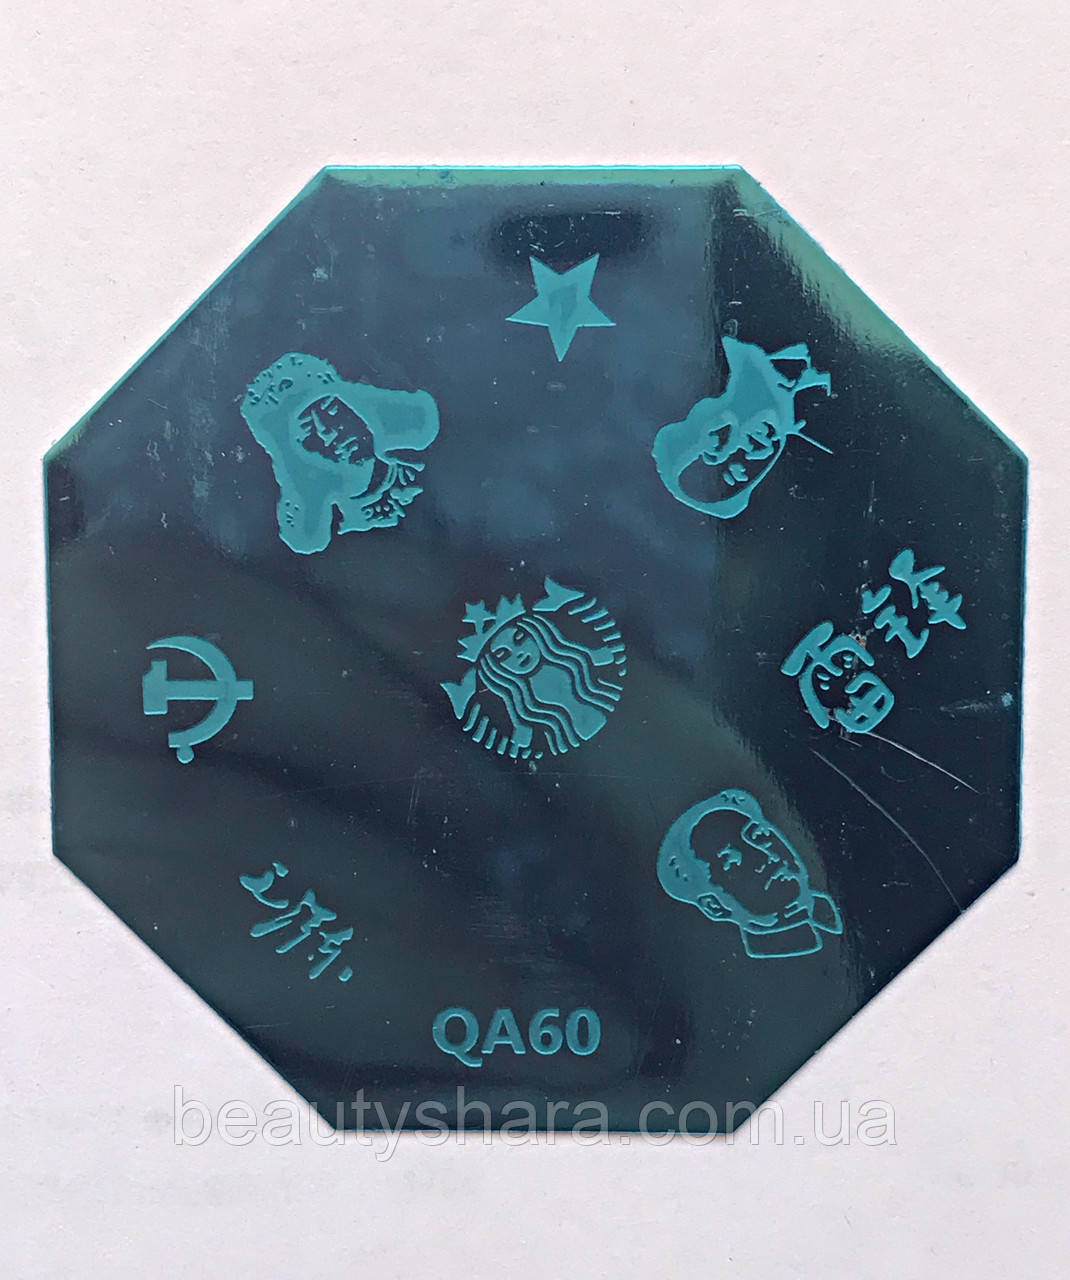 Пластина для стемпинга (металлическая) QA60